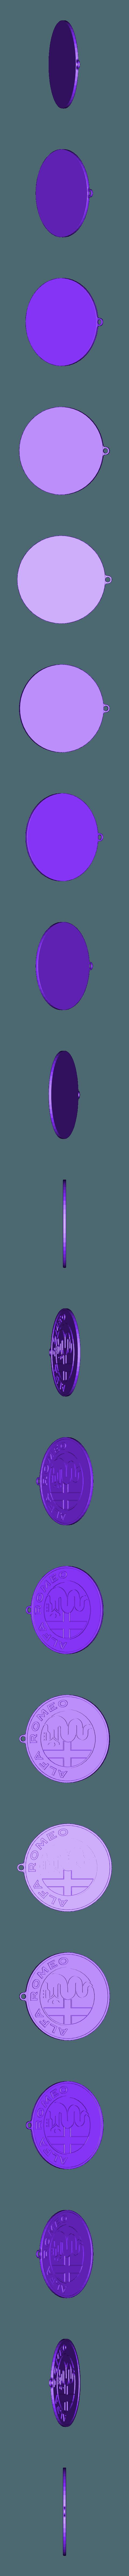 BRELOK ALFA.stl Télécharger fichier STL gratuit PENDENTIF ALFA ROMEO • Modèle à imprimer en 3D, przemek